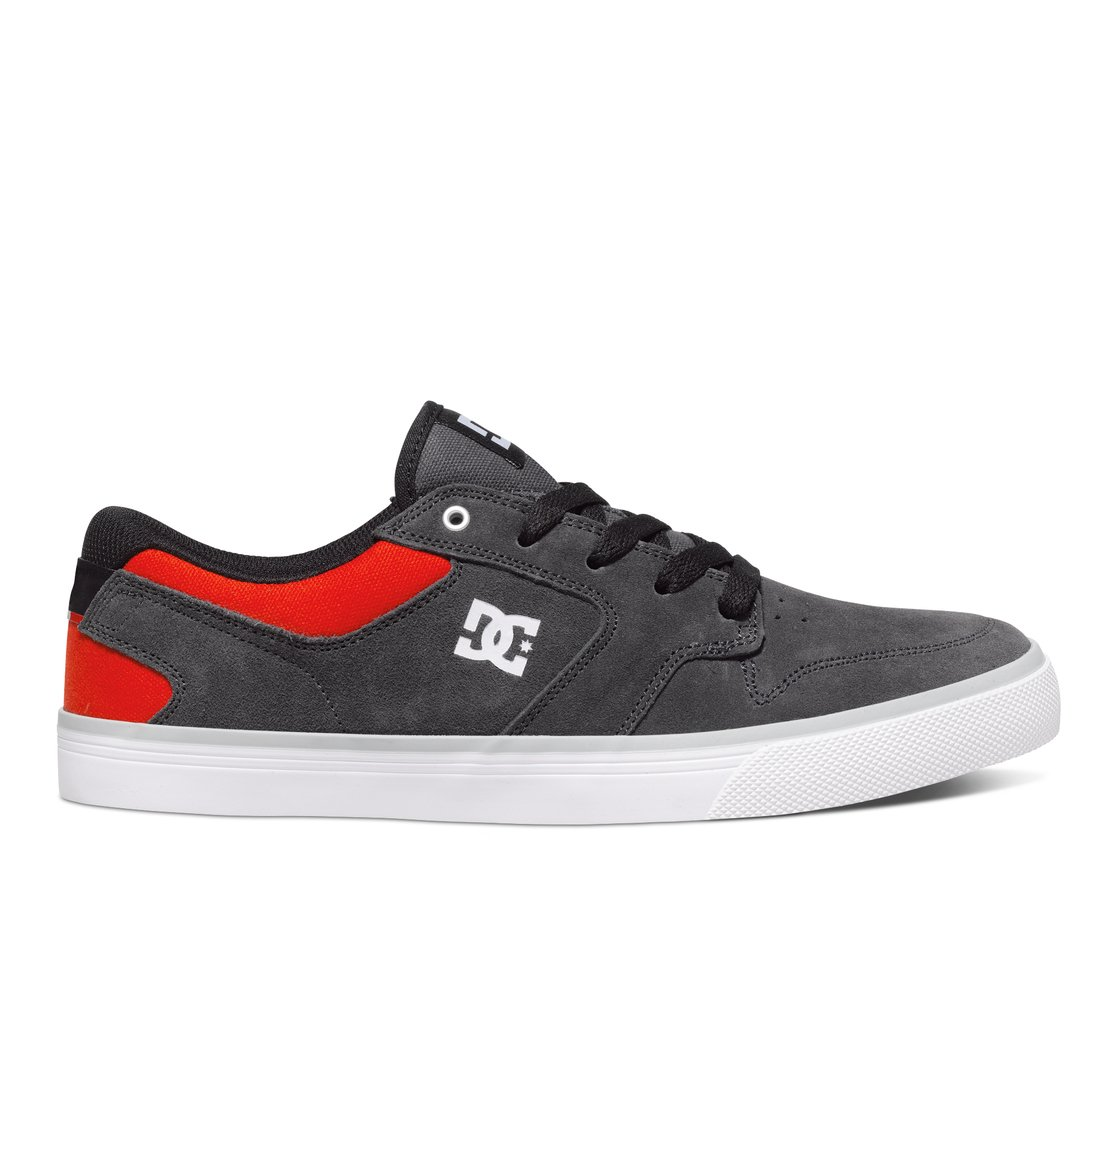 Здесь можно купить   Argosy Vulc Low Top Shoes Новые поступления